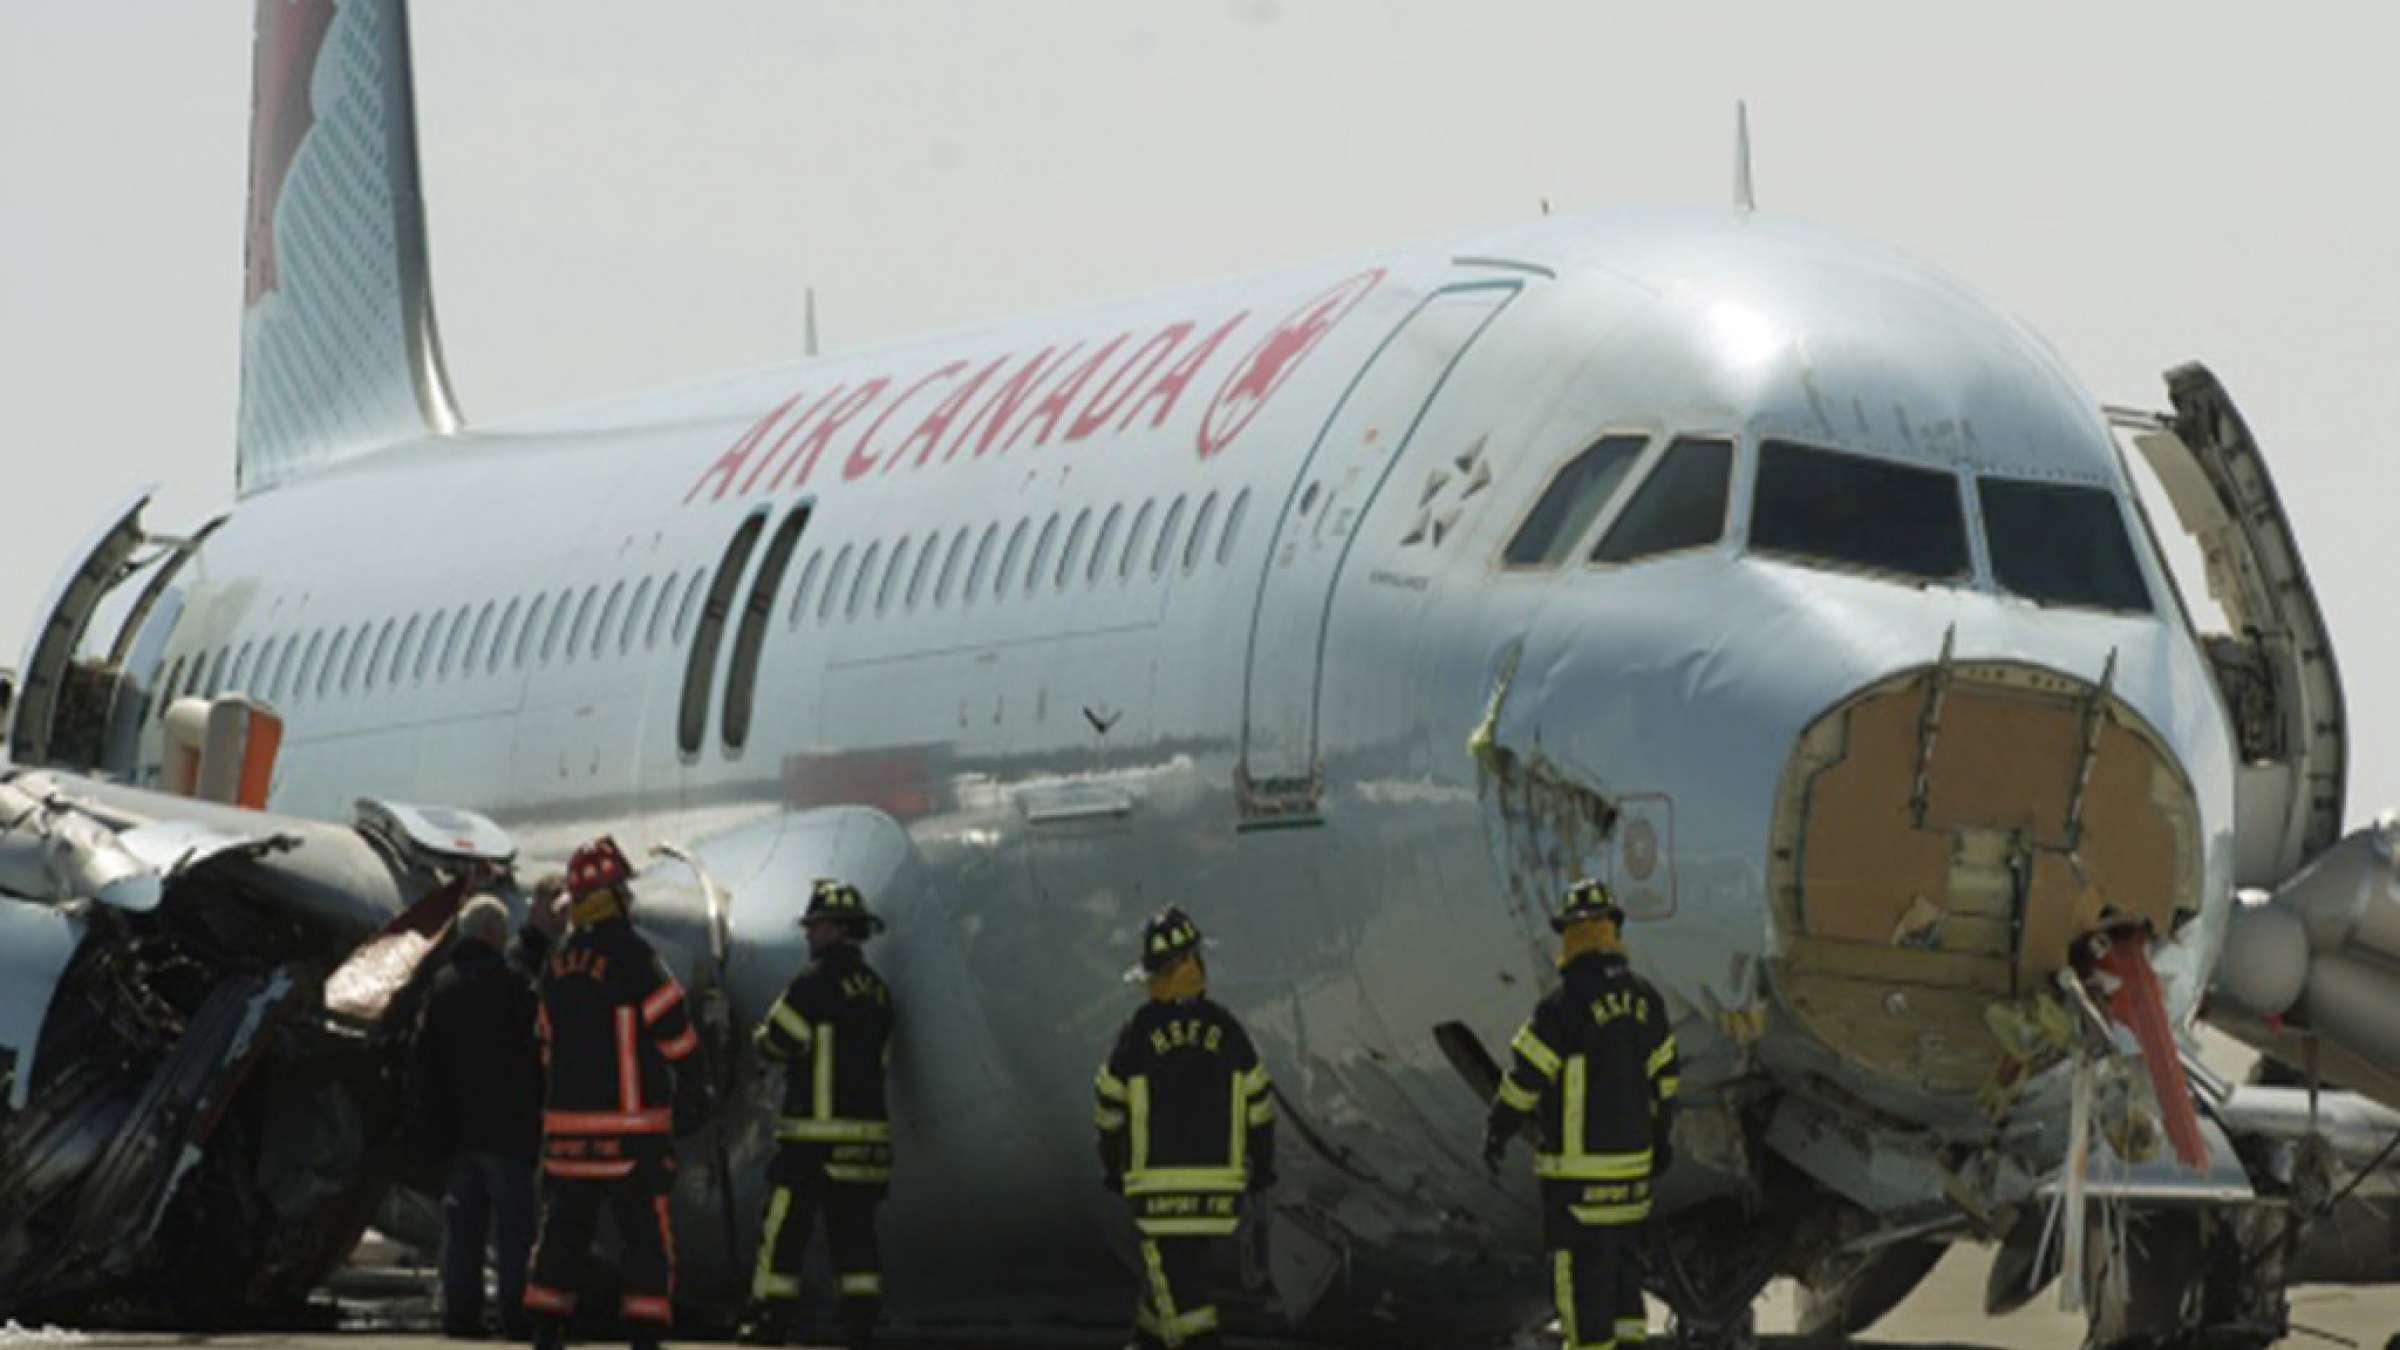 اخبار-کانادا-هواپیمایی-ایرکانادا-را-به-دادگاه-بردند-و-برنده-شدند